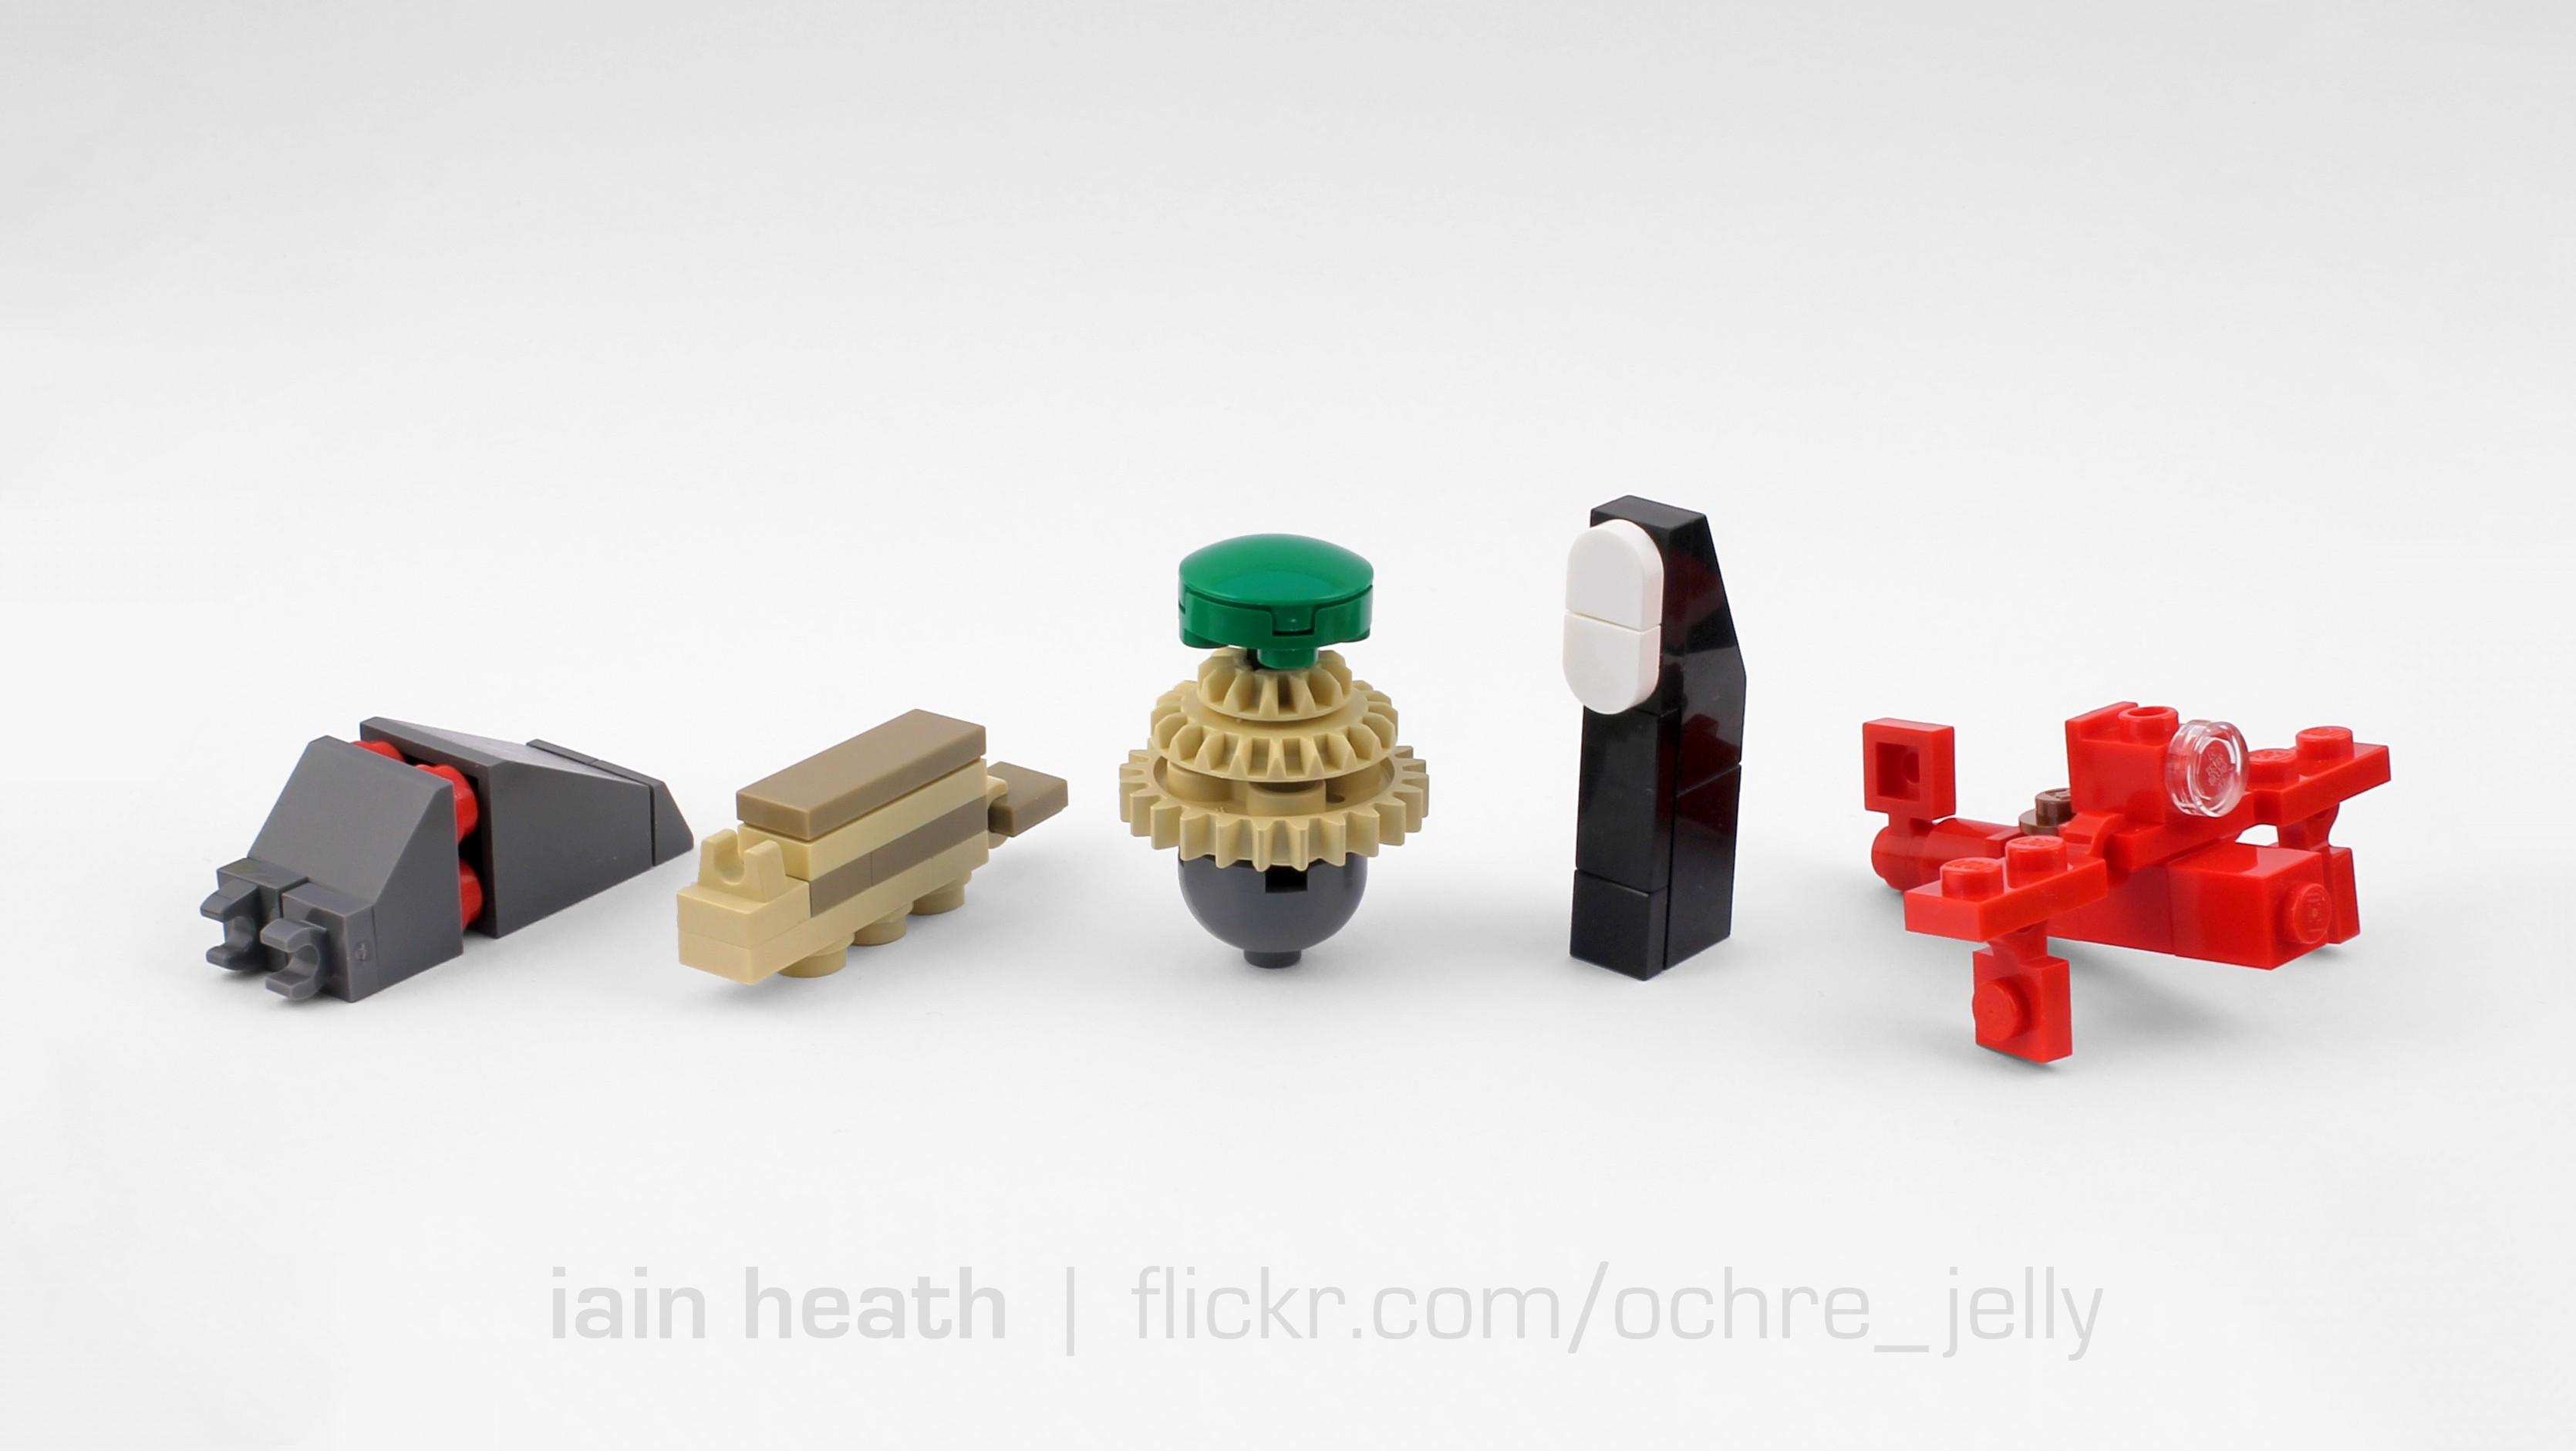 Wallpaper Anime Lego Toy Laputa Nausicaa Rosso Moc